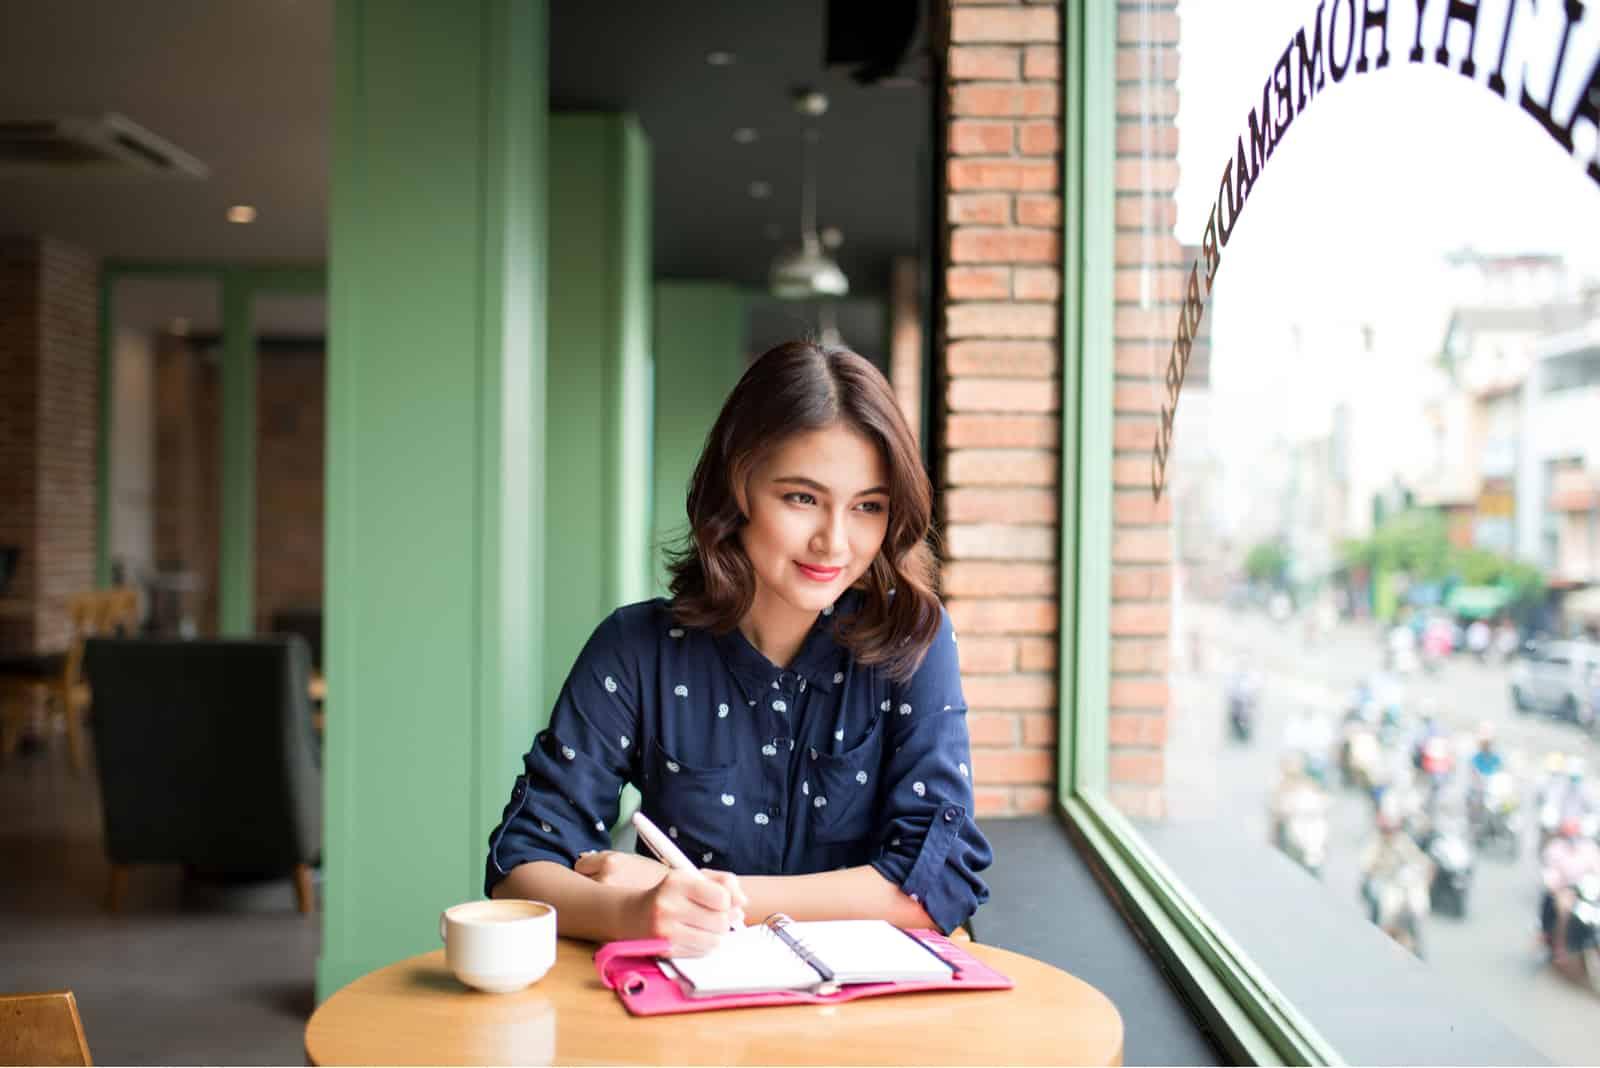 une femme imaginaire est assise à une table et écrit